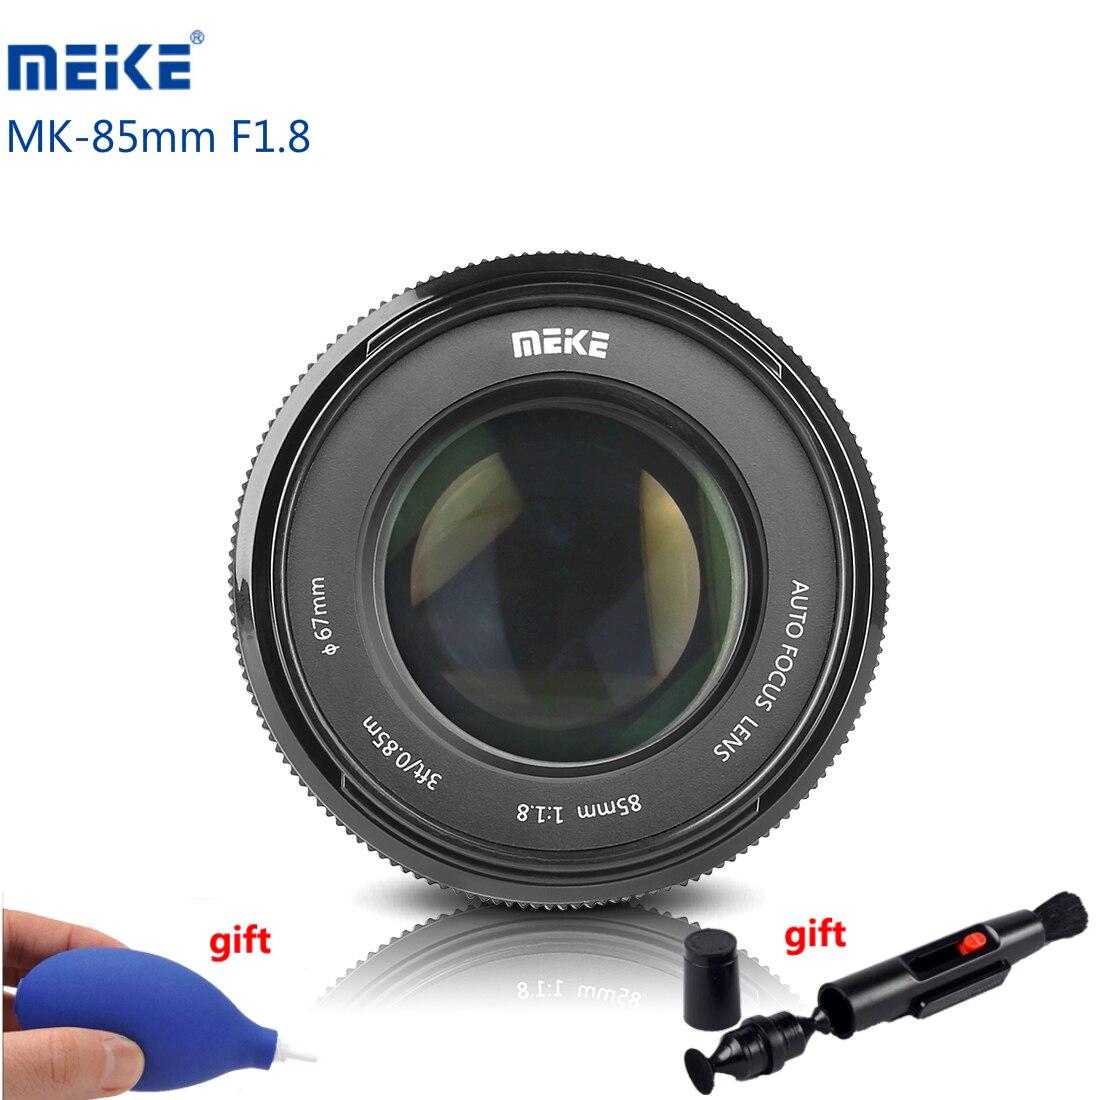 Meike Caméra Lentille MK 85mm F1.8 F/1.8 Mise Au Point Automatique Plein Cadre DSLR Lentille pour Objectif Canon EOS EF Monture 6D 600D 80D 5D Lentes